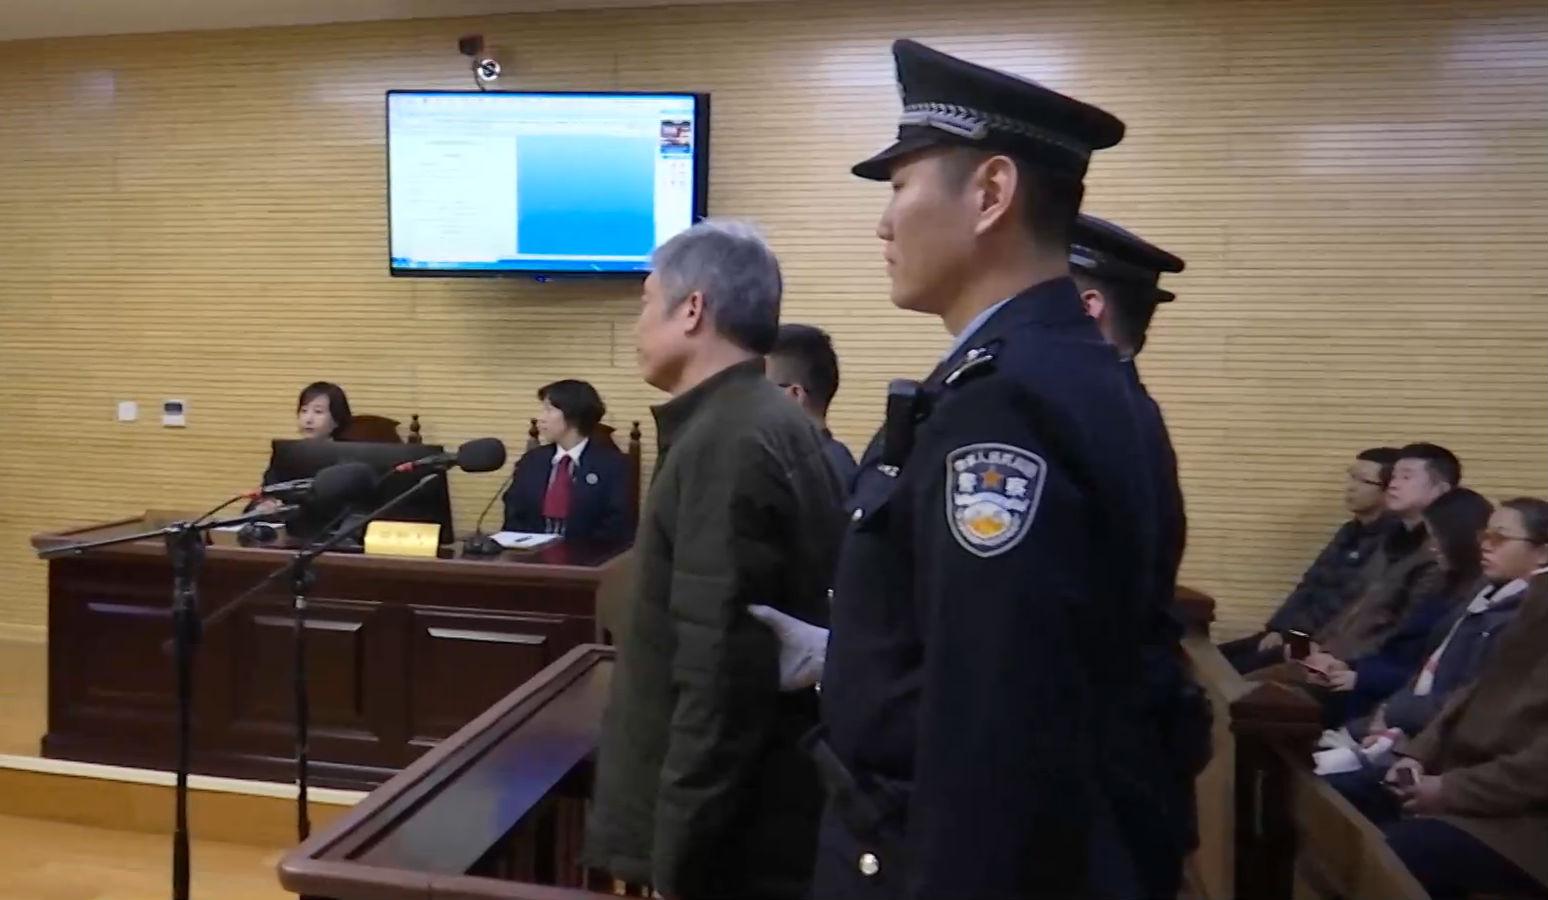 盧壬子、張涵迪敲詐勒索尋釁滋事案一審宣判